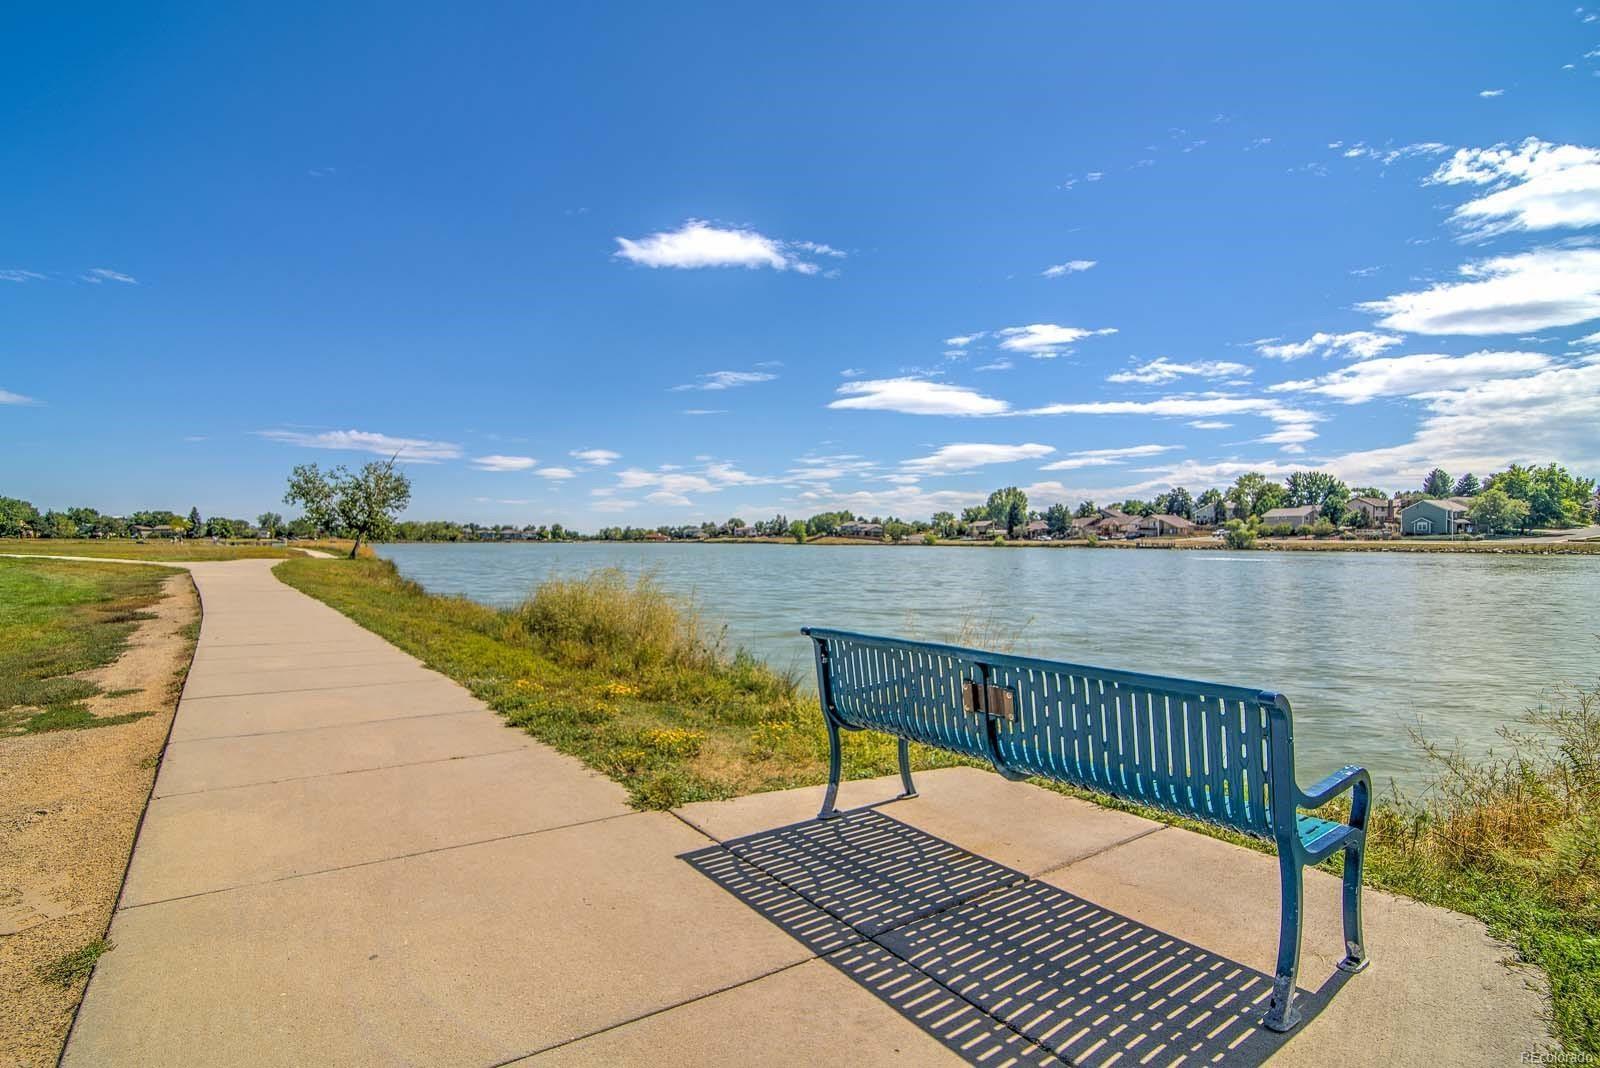 MLS# 8691138 - 24 - 8189 Benton Way, Arvada, CO 80003